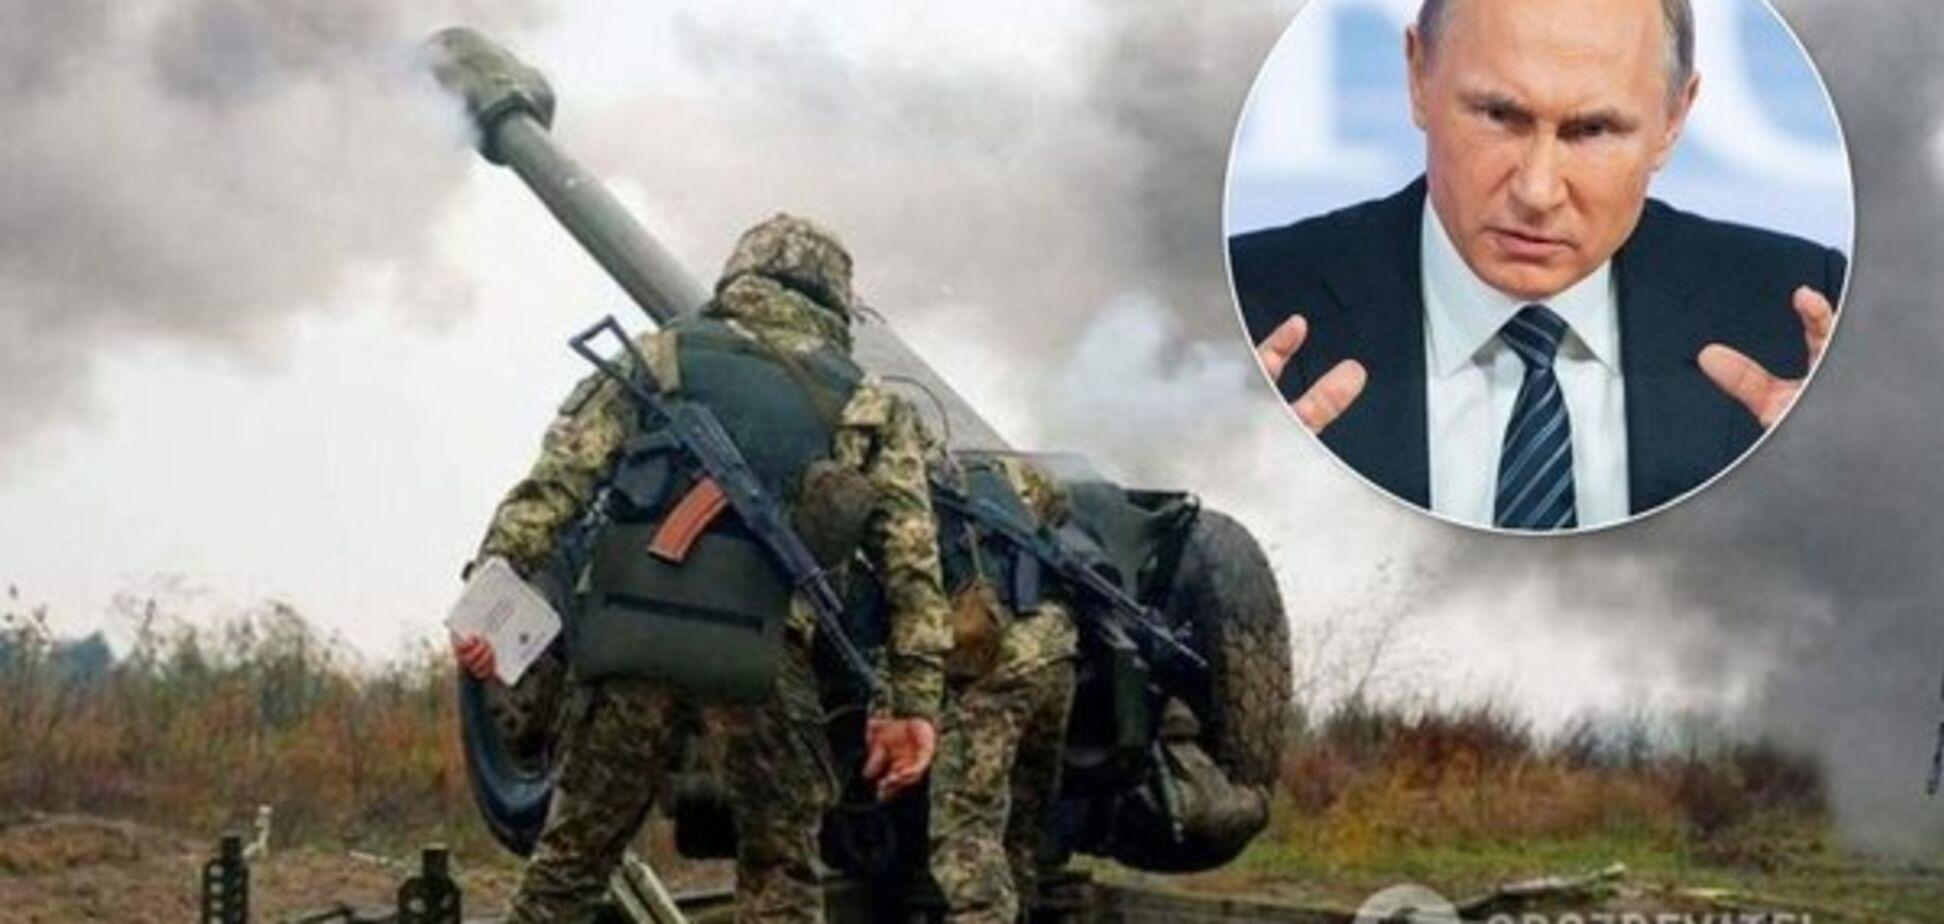 Путин пойдет на уступки? В России дали неожиданный прогноз по Донбассу